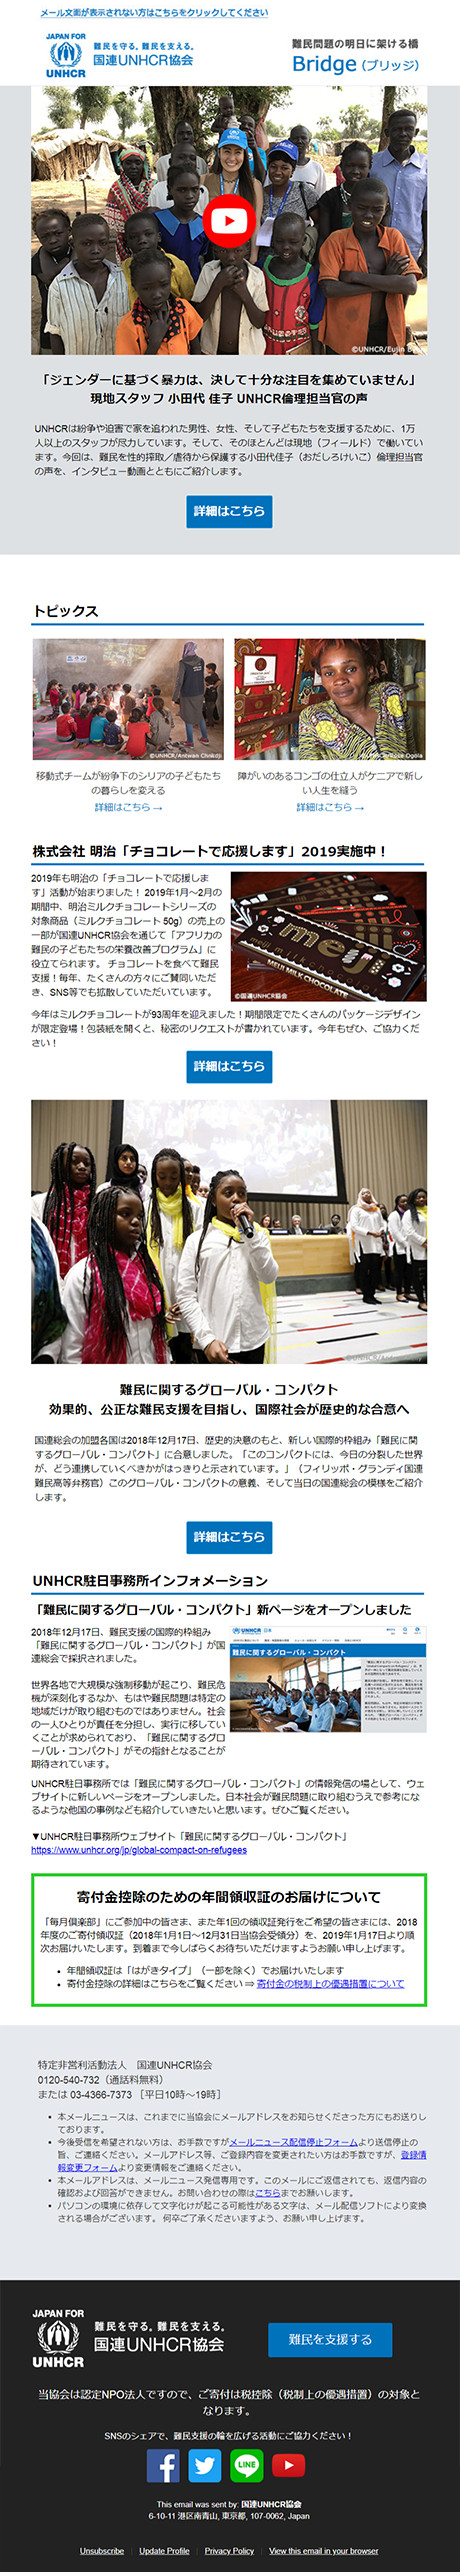 メールニュースサンプル2019年1月配信分